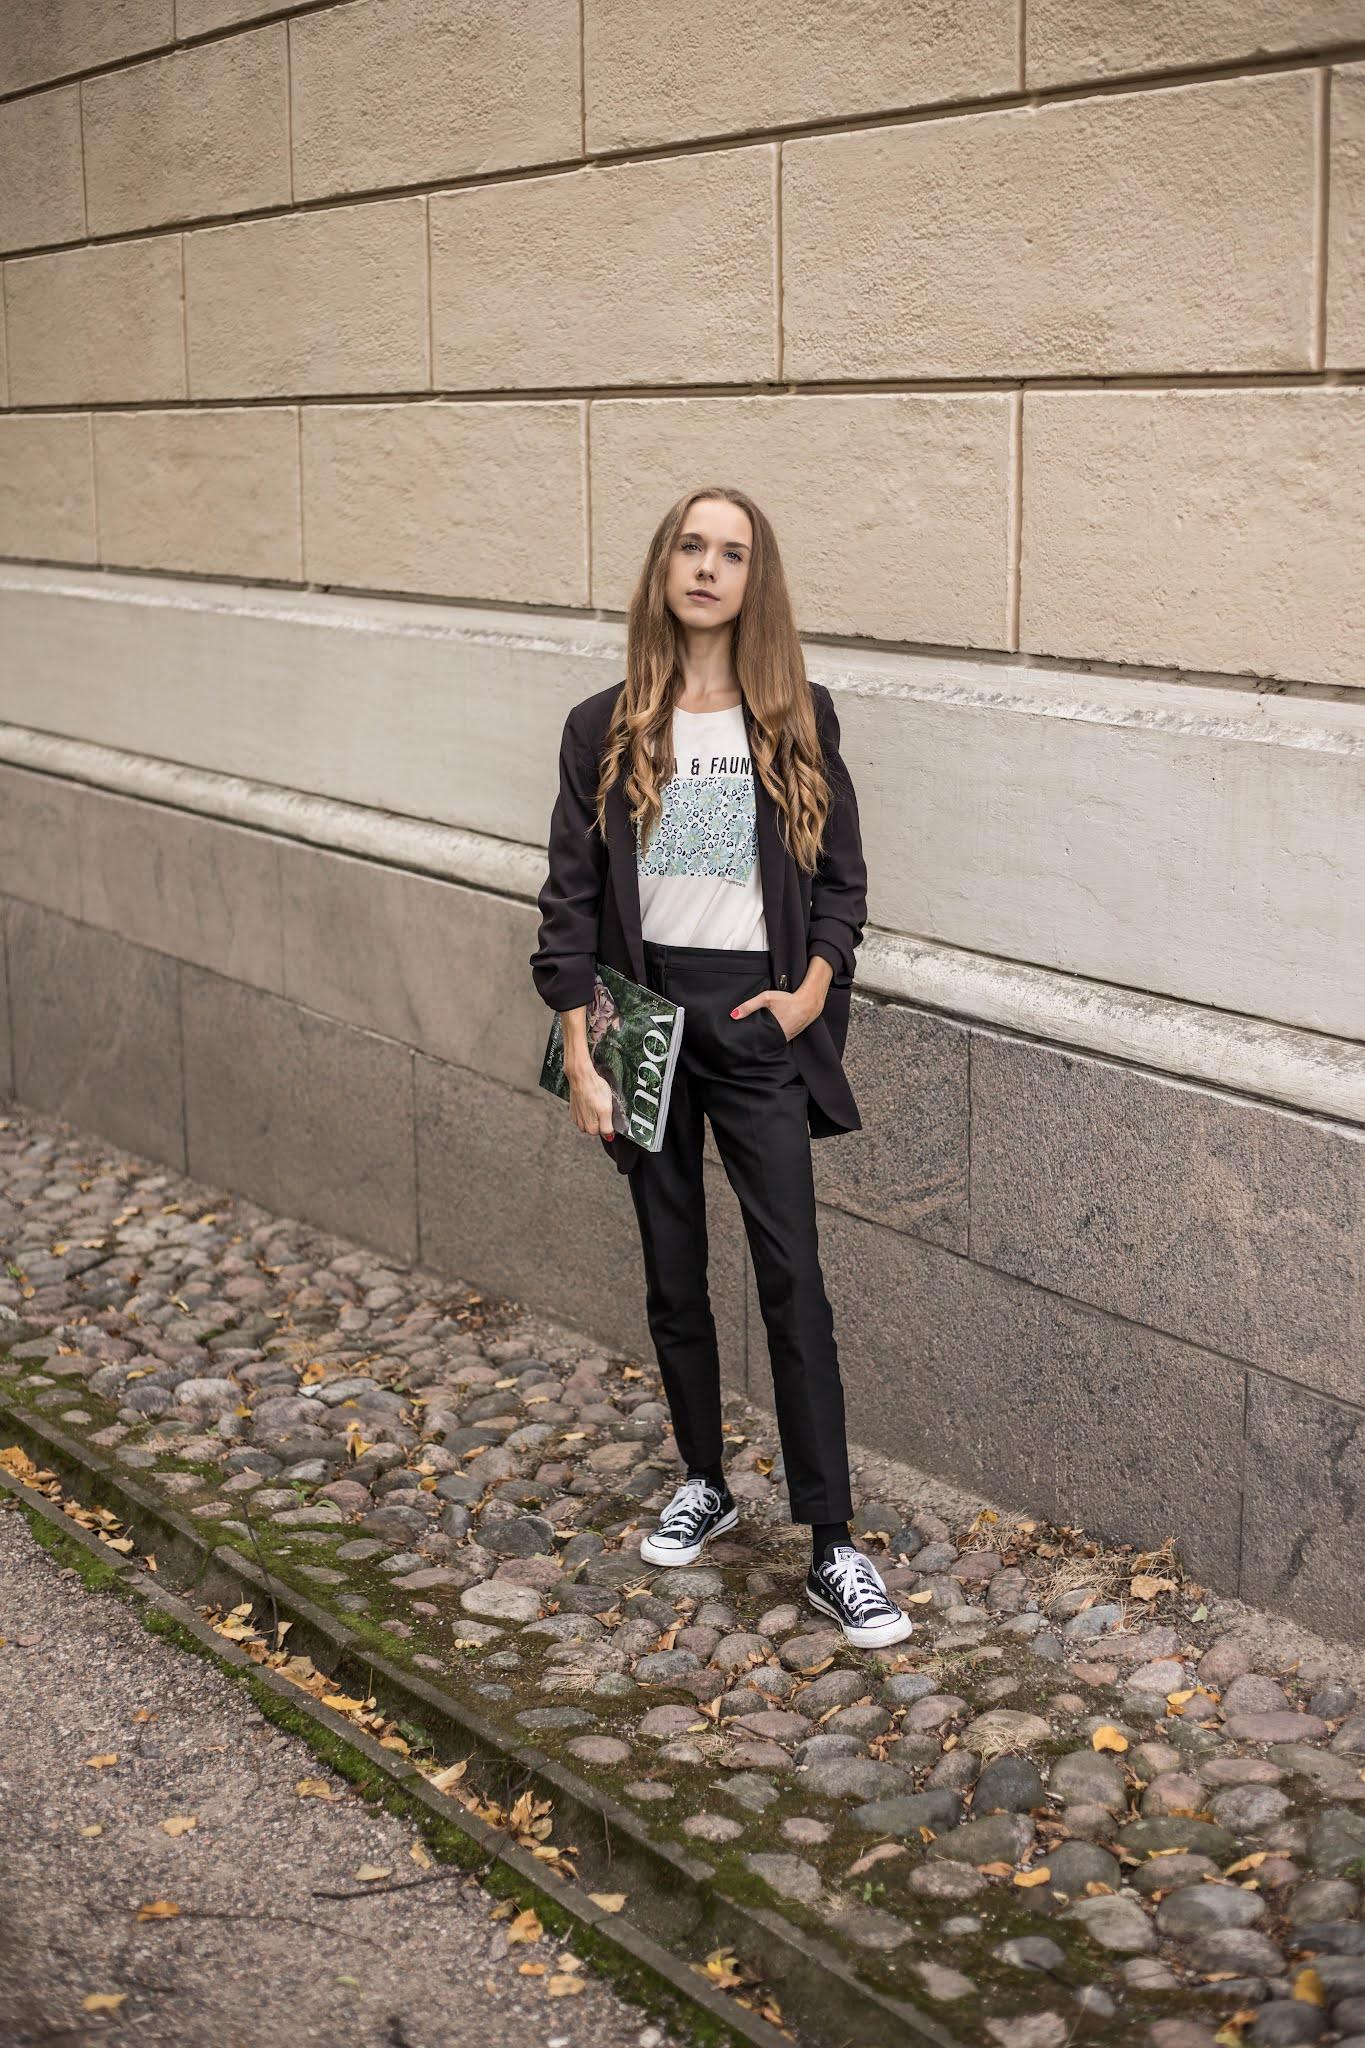 kiinnostavat suomalaiset muotibrändit // Interesting Finnish fashion brands